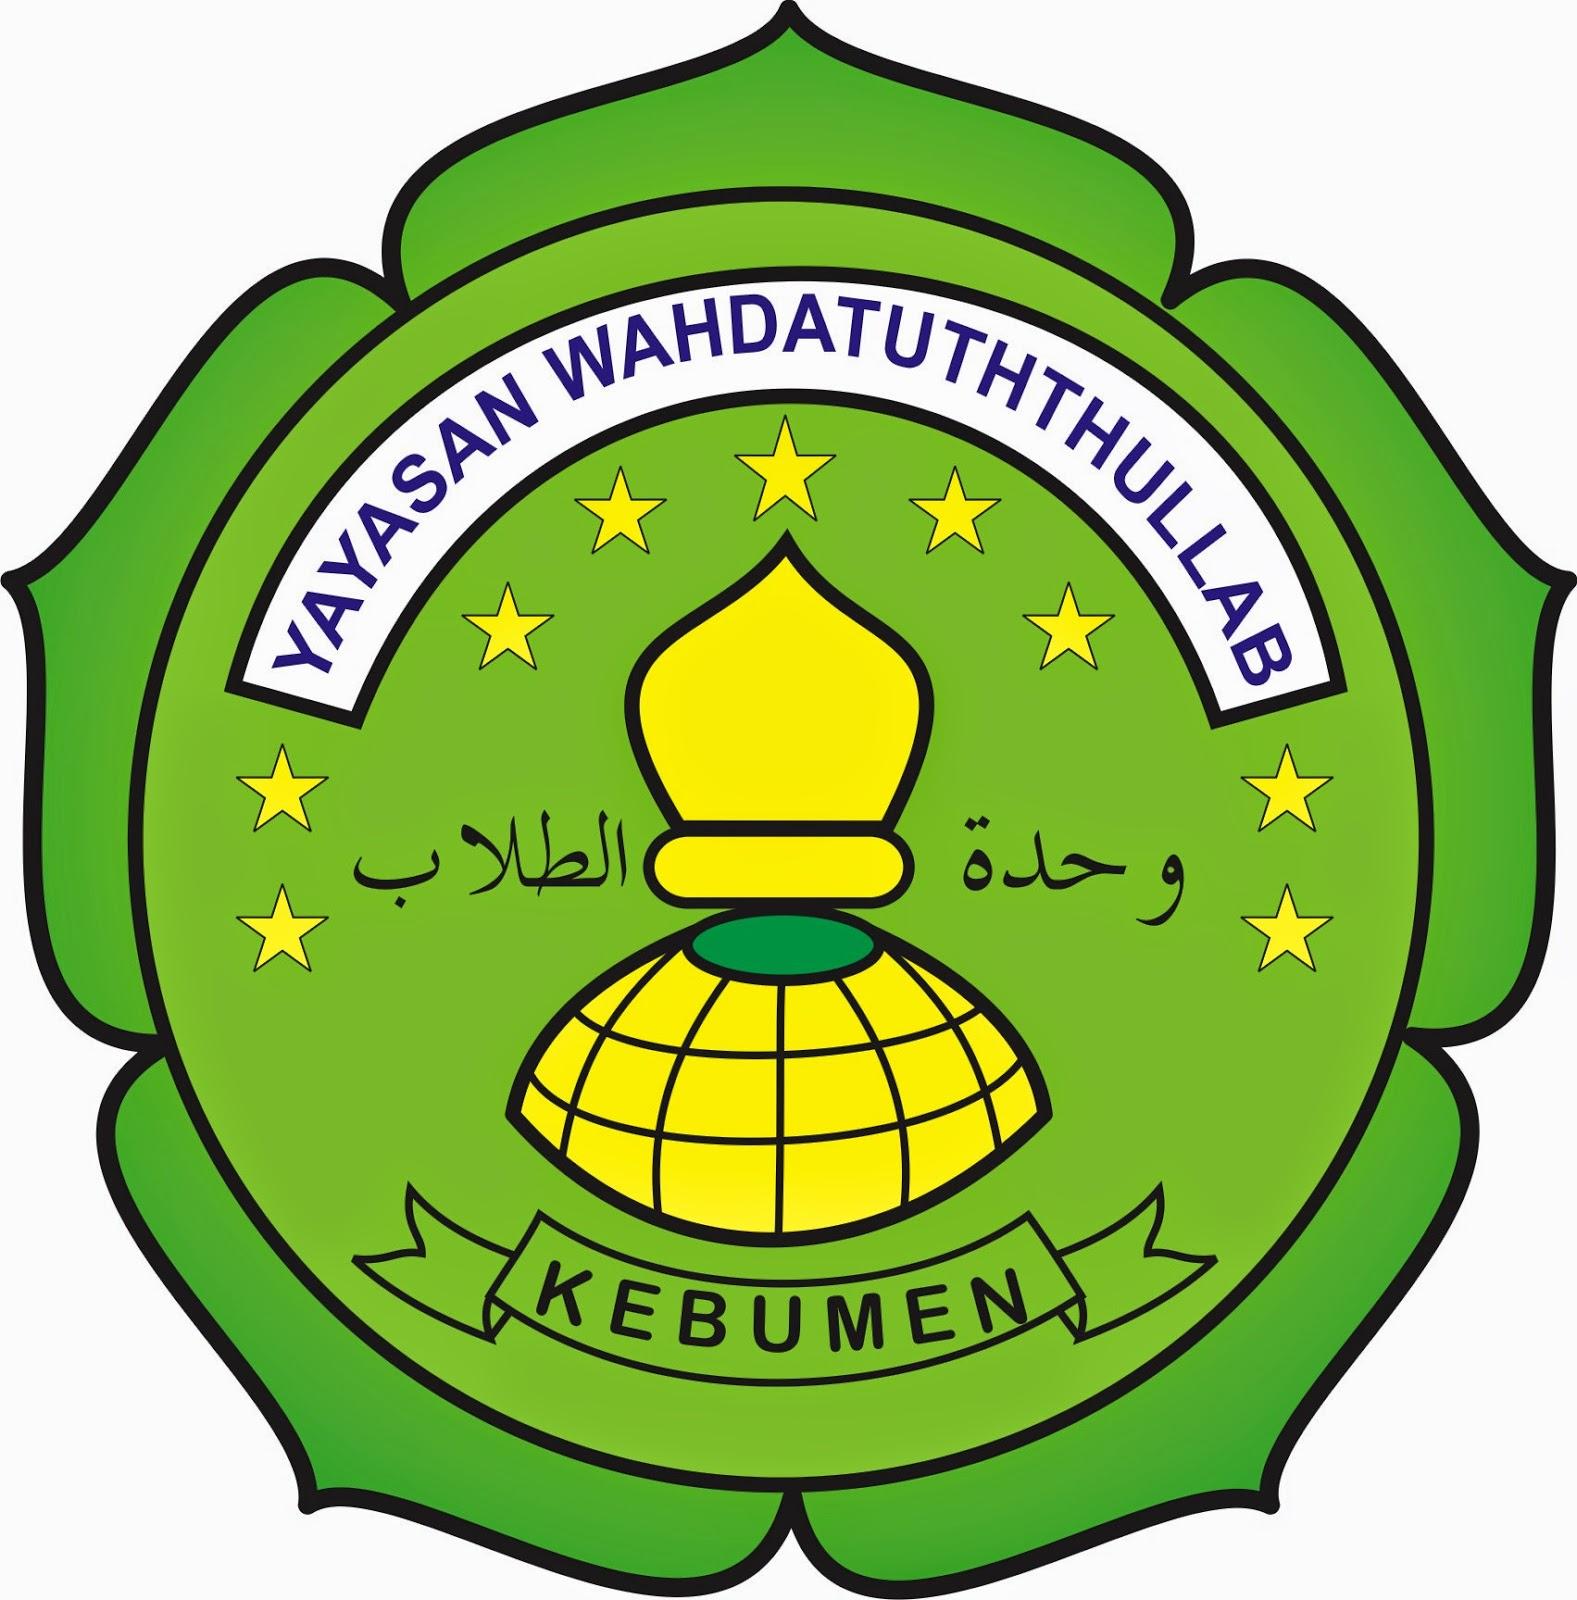 http://kuwarasanku.blogspot.com/2014/06/logo-ma-pondokgebangsari-kuwarasan-ma.html